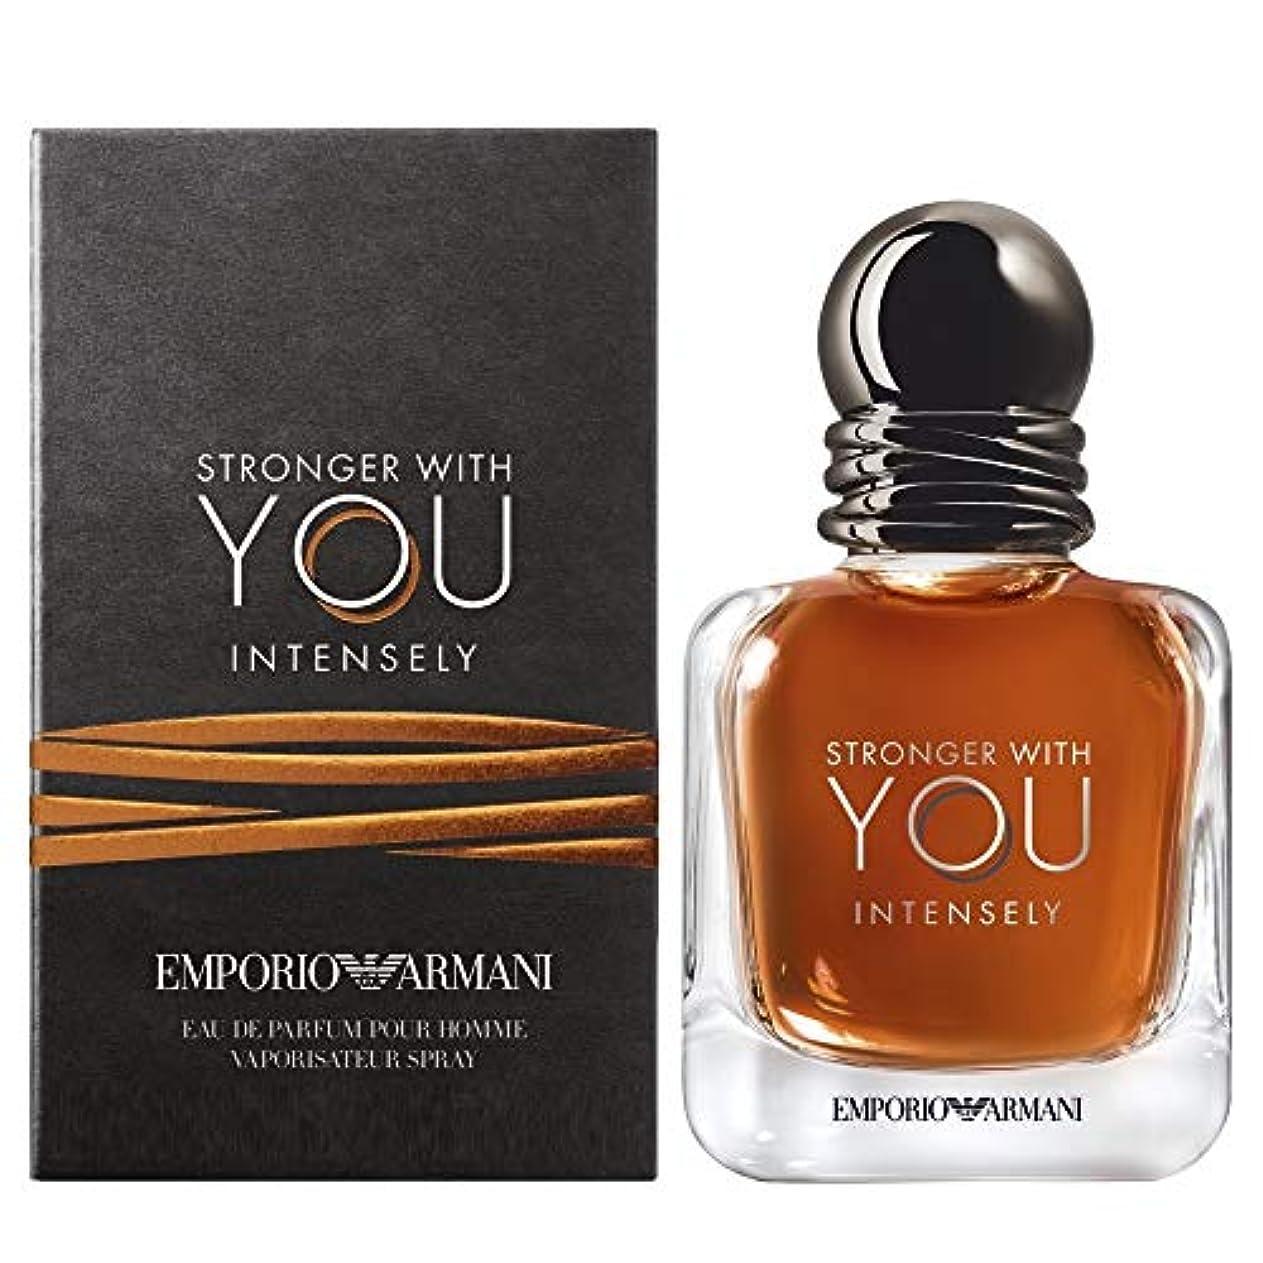 気怠い金曜日分類ジョルジオアルマーニ Emporio Armani Stronger With You Intensely Eau De Parfum Spray 100ml/3.4oz並行輸入品